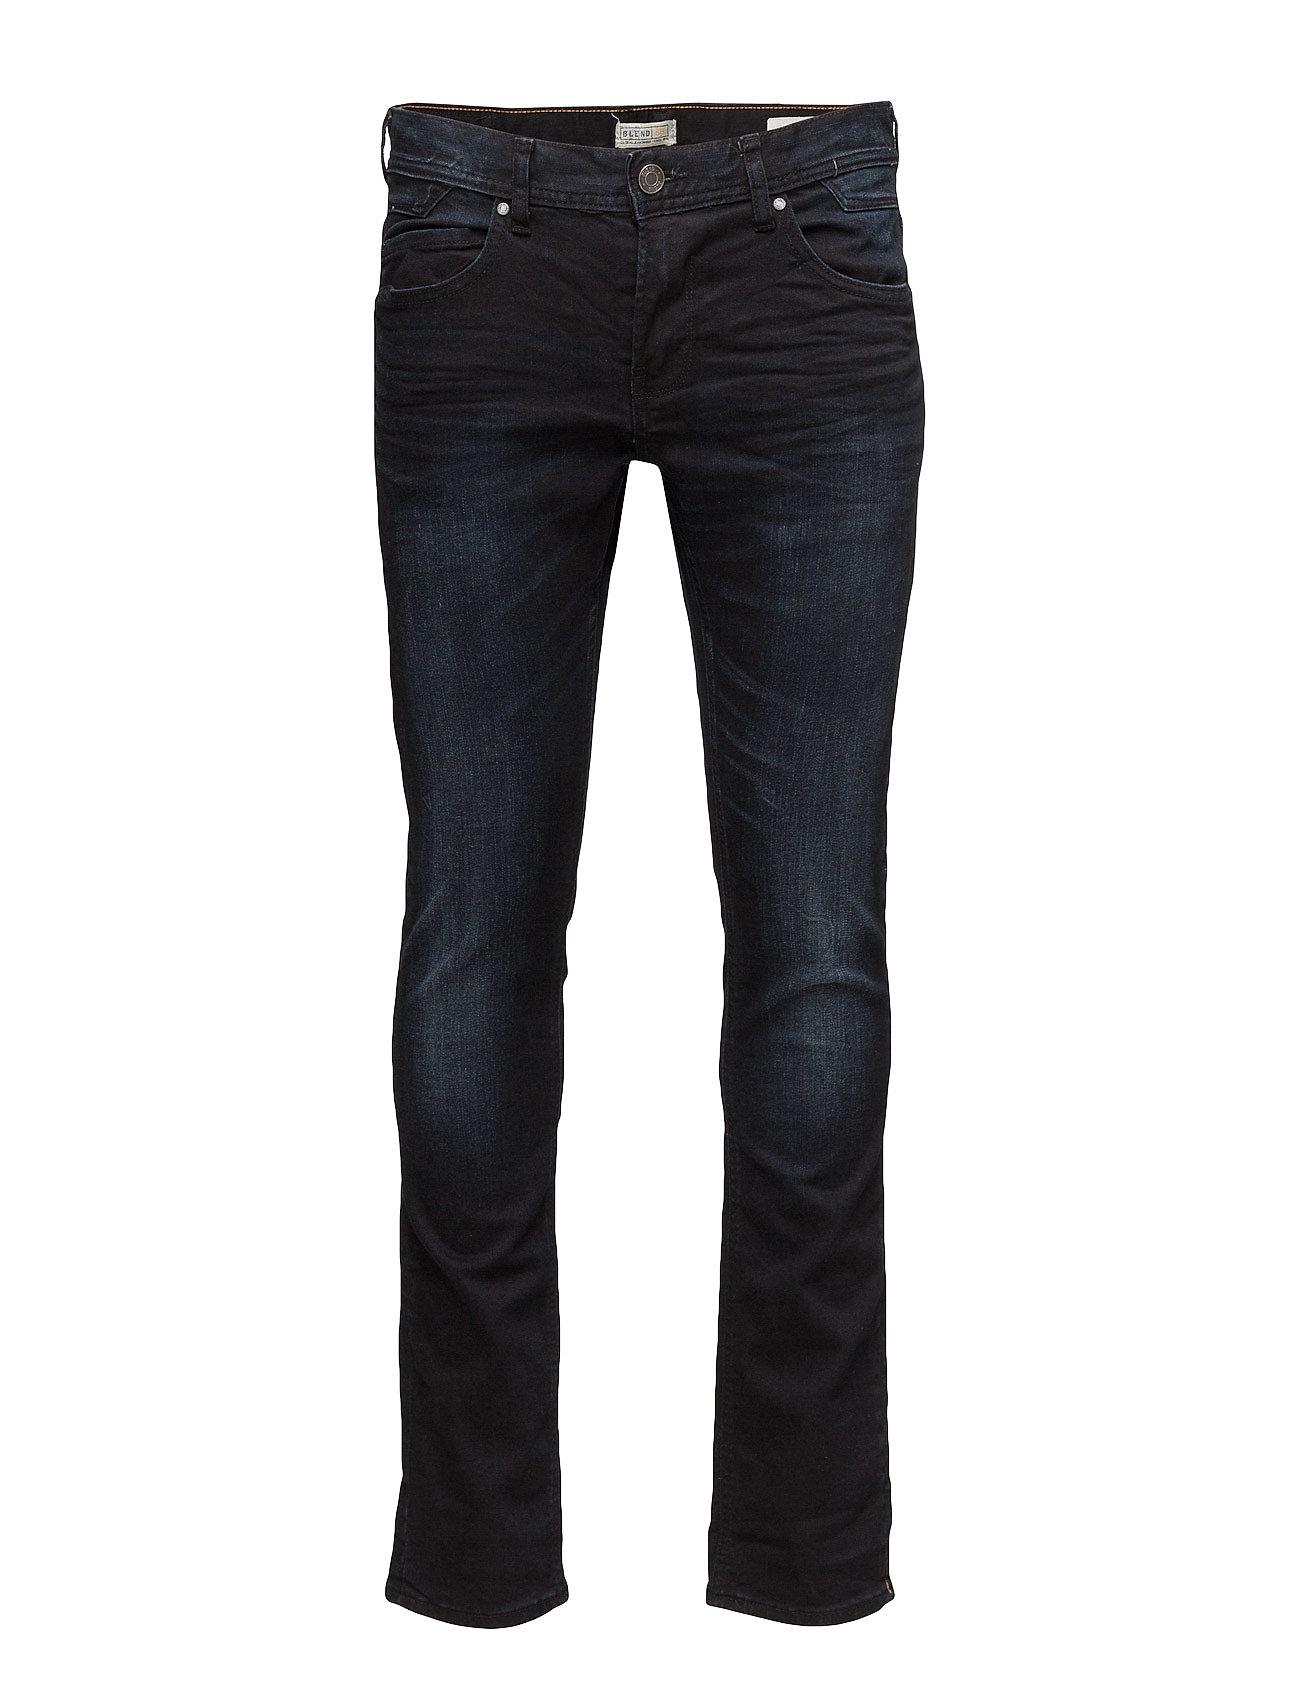 Blend Jeans - NOOS - BLACK/BLUE